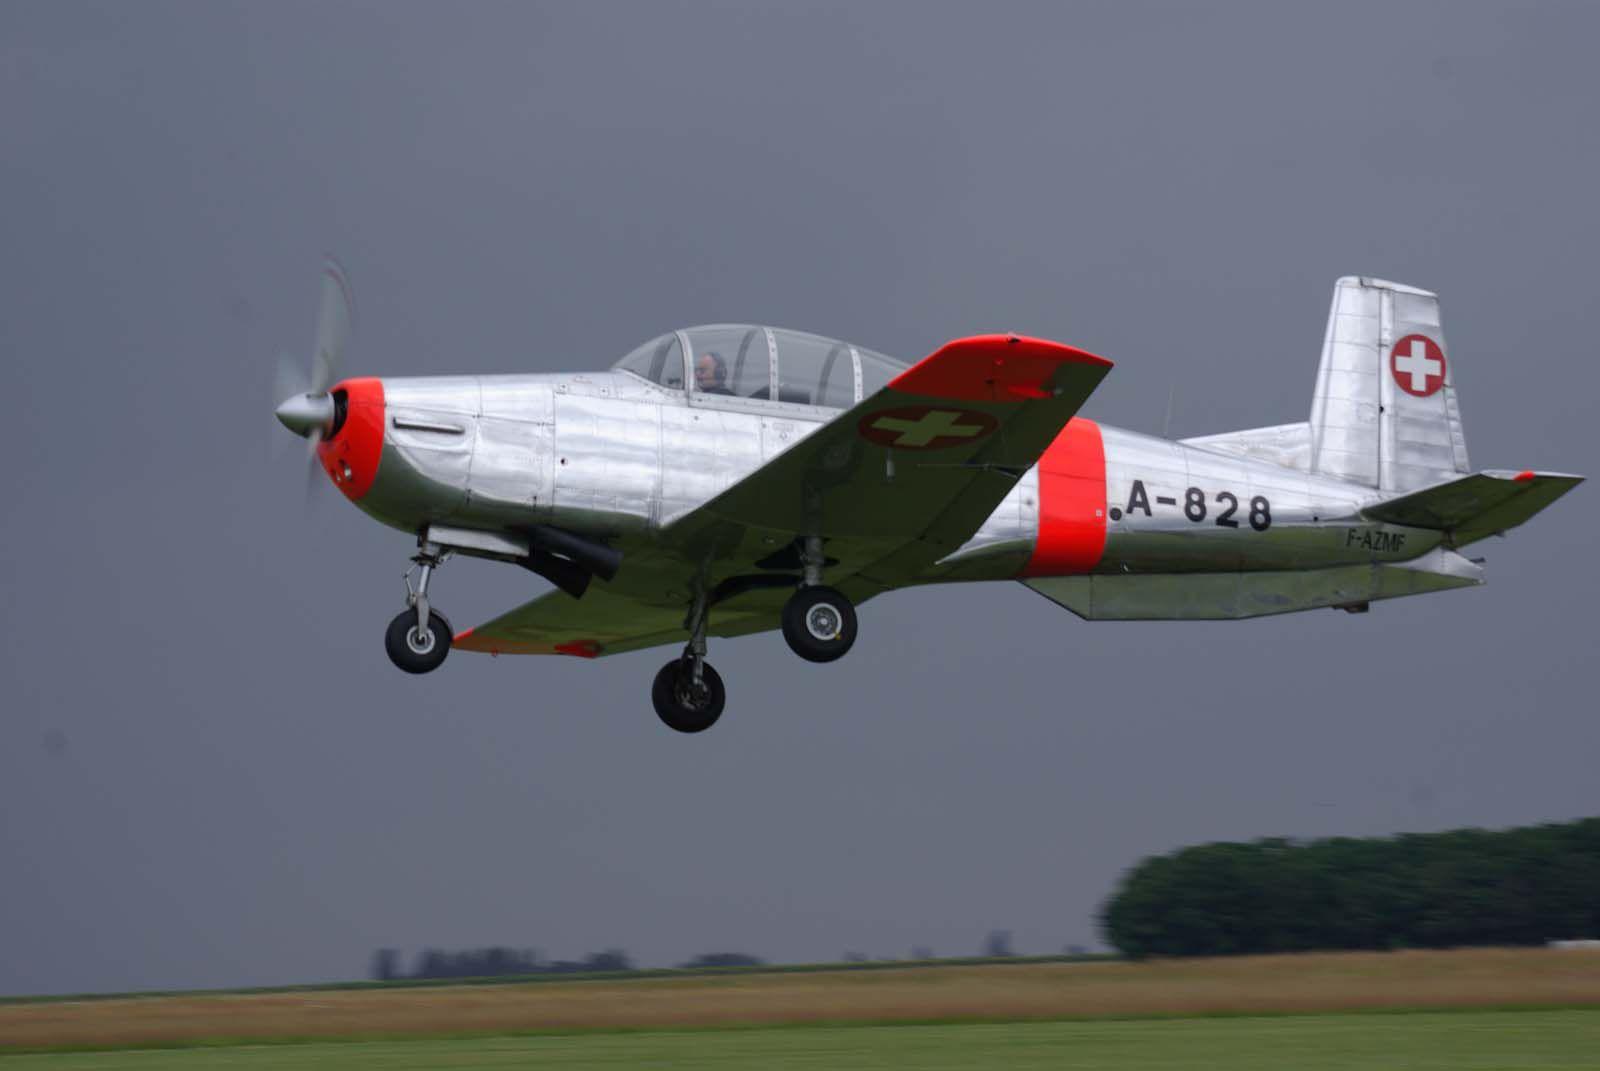 Le Pilatus P-3 F-AZMF au décollage.